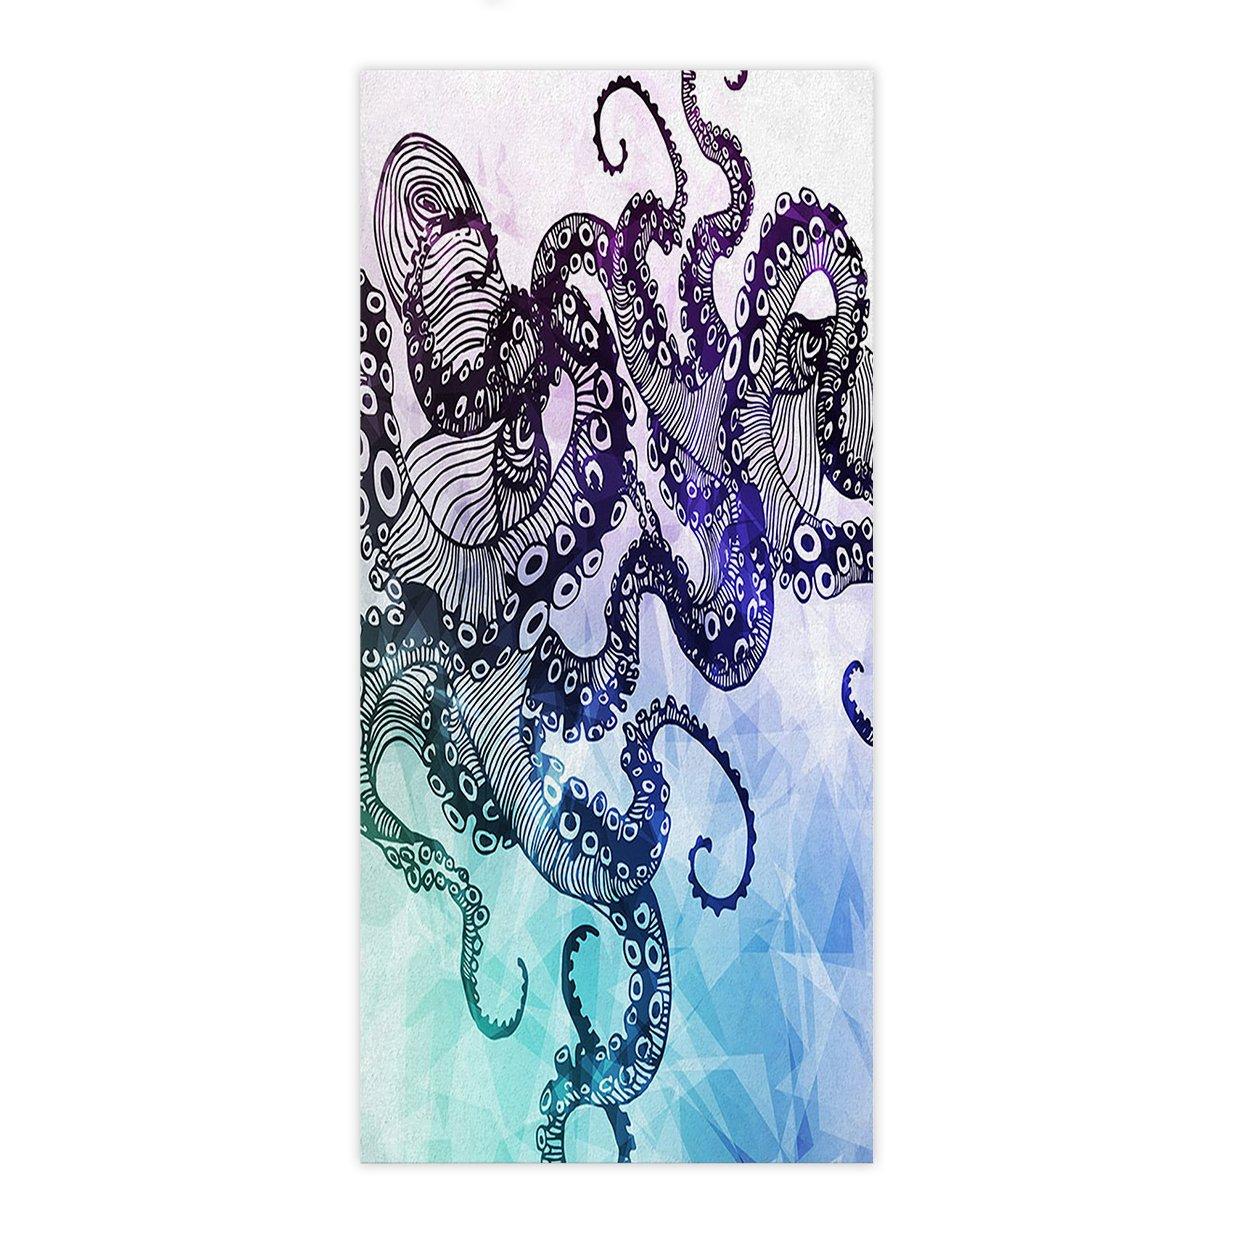 Crystal Emotion Watercolor Sea World Animal,Beach Towel Bath Towel Bathroom Shower Towel Bath Wrap For Body,Gym,Spa,Home,Hotel Use